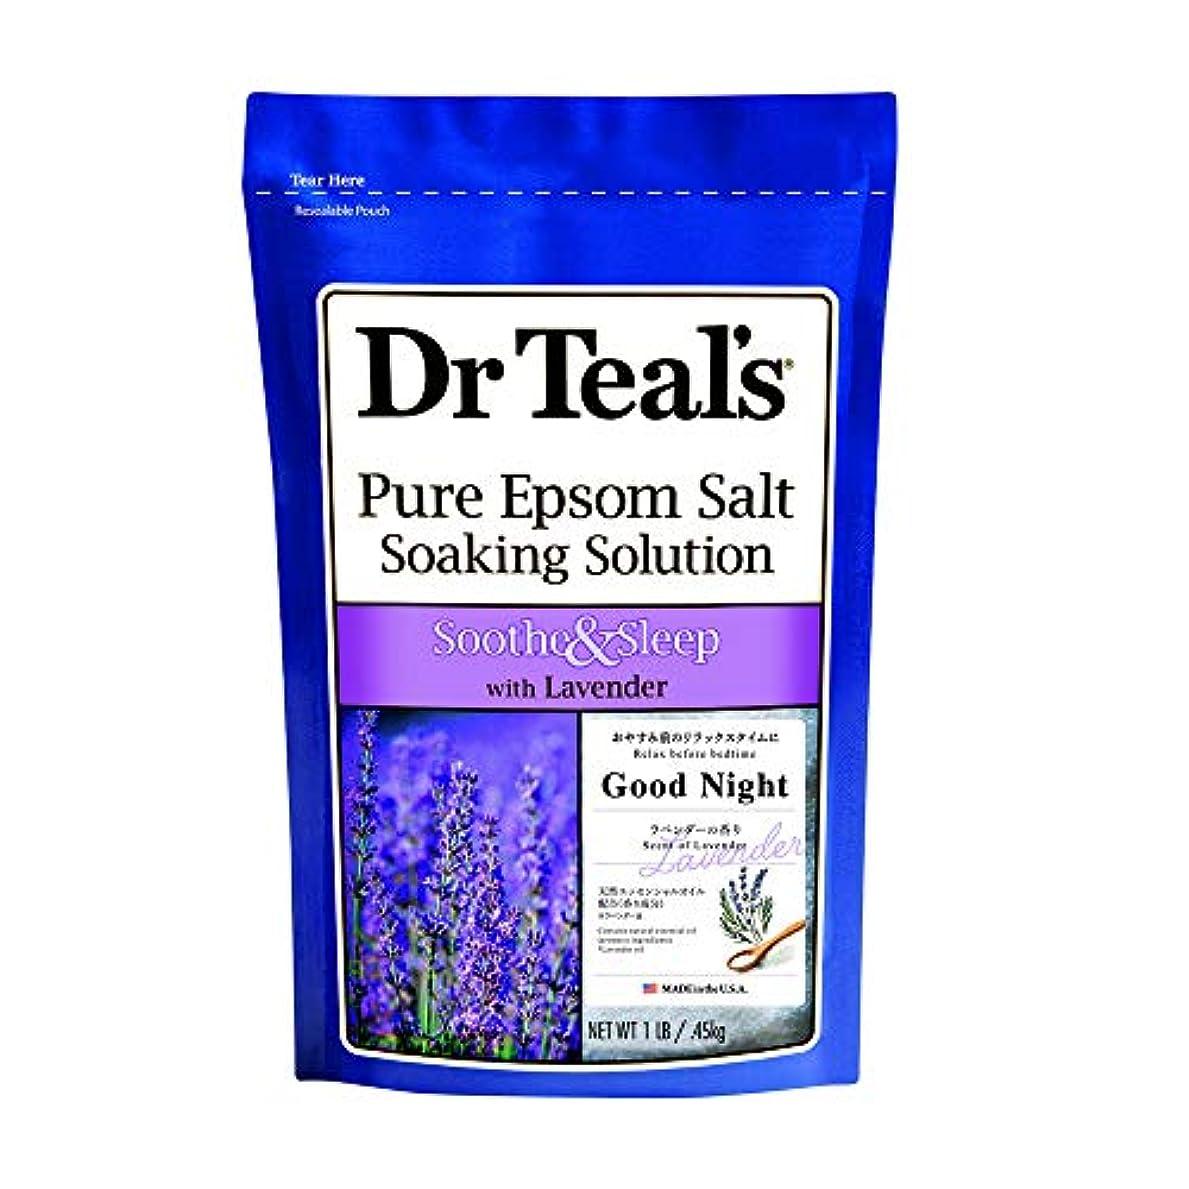 シロクマ遅い言うDr Teal's(ティールズ) フレグランスエプソムソルト ラベンダー 入浴剤 453g